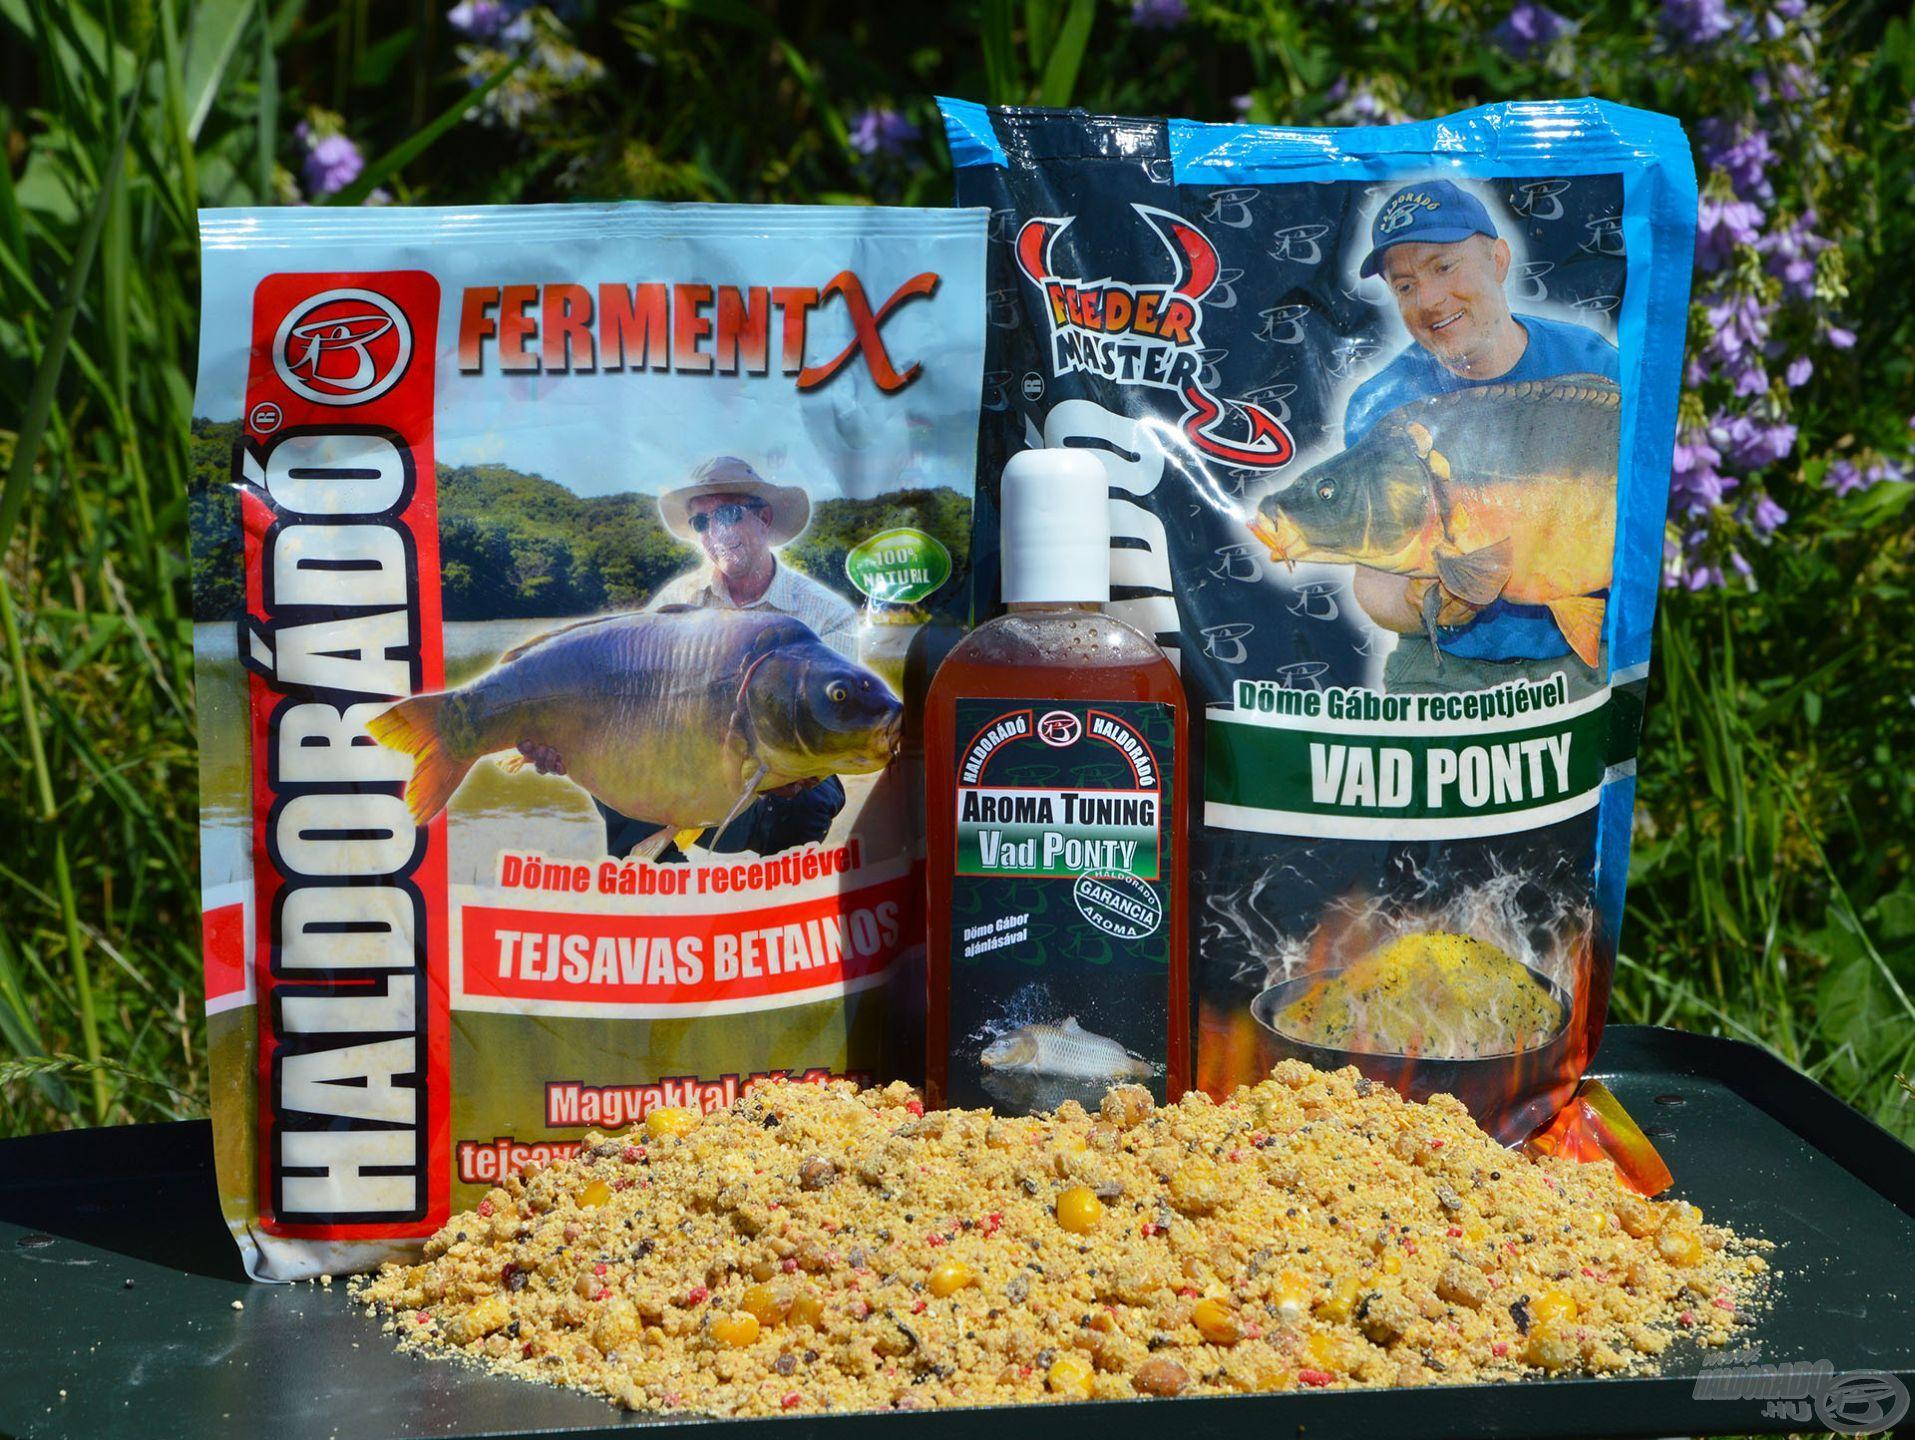 A Vad Ponty és a FermentX Tejsavas Betainos etetőanyag kellemesen fanyar kombinációja fantasztikusan működik a nyári horgászatok során szinte bármilyen vízterületen!